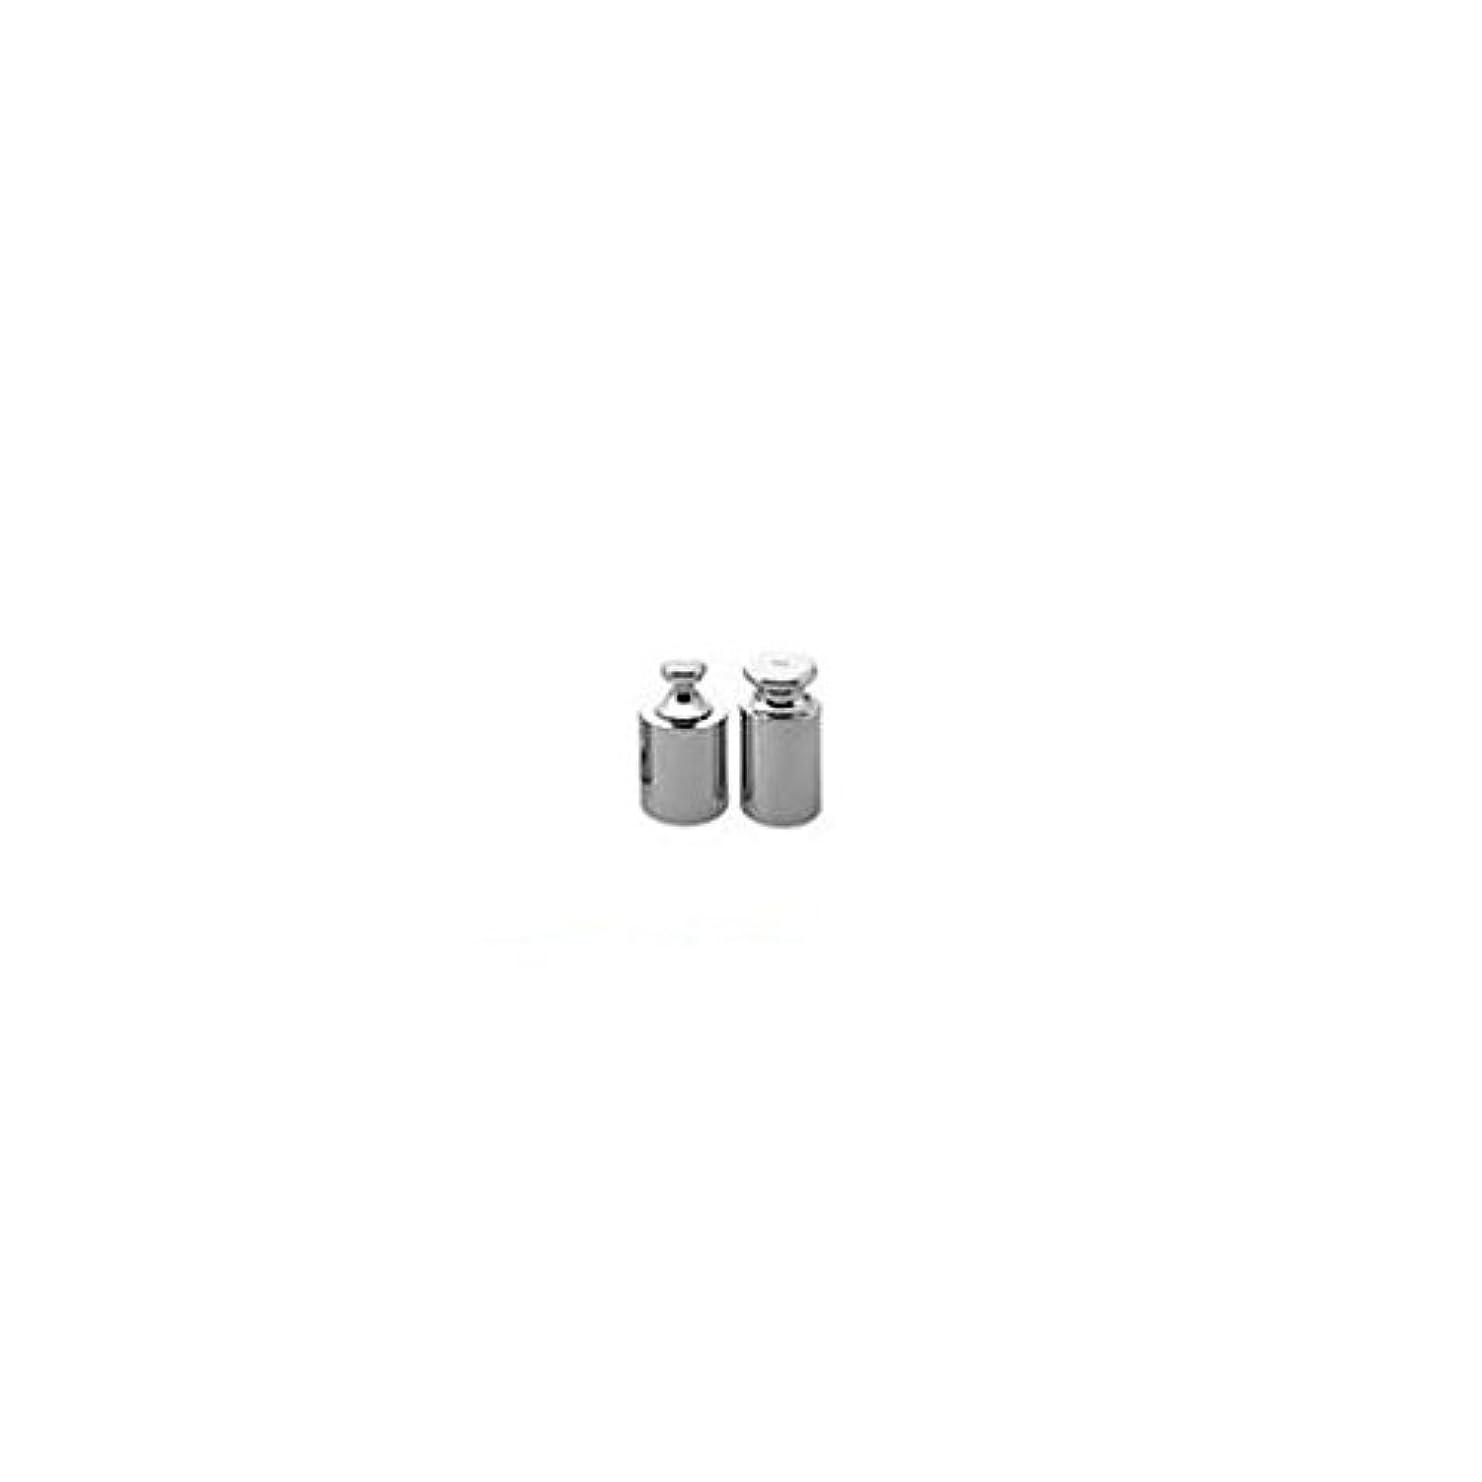 無意味郵便屋さん対称DV54477 円筒分銅